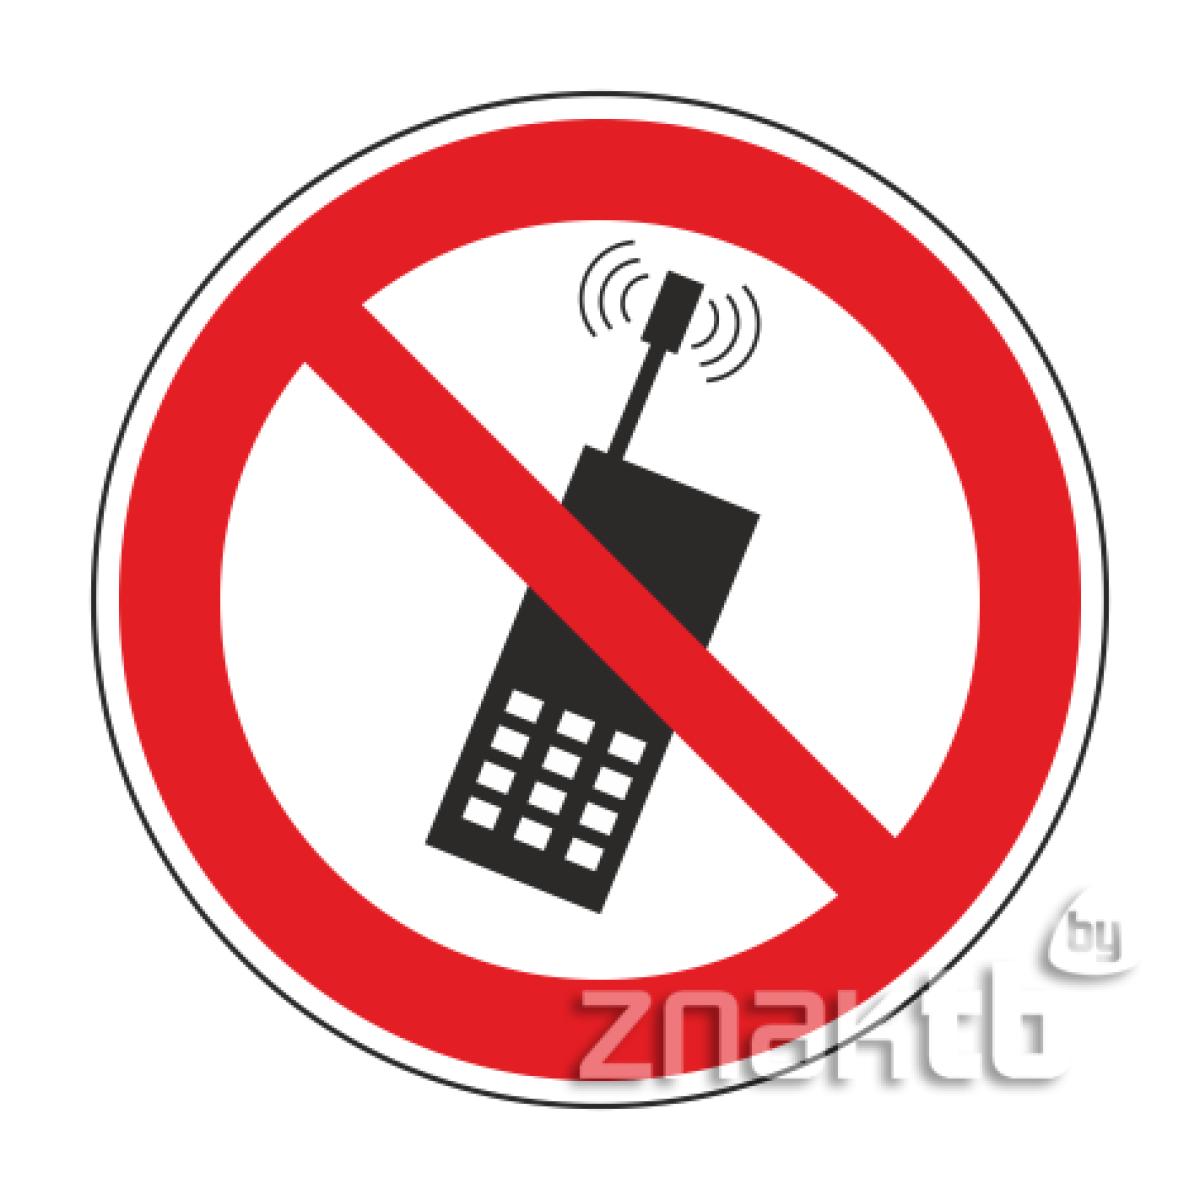 072 Знак Запрещается пользоваться мобильными телефонами код Р18